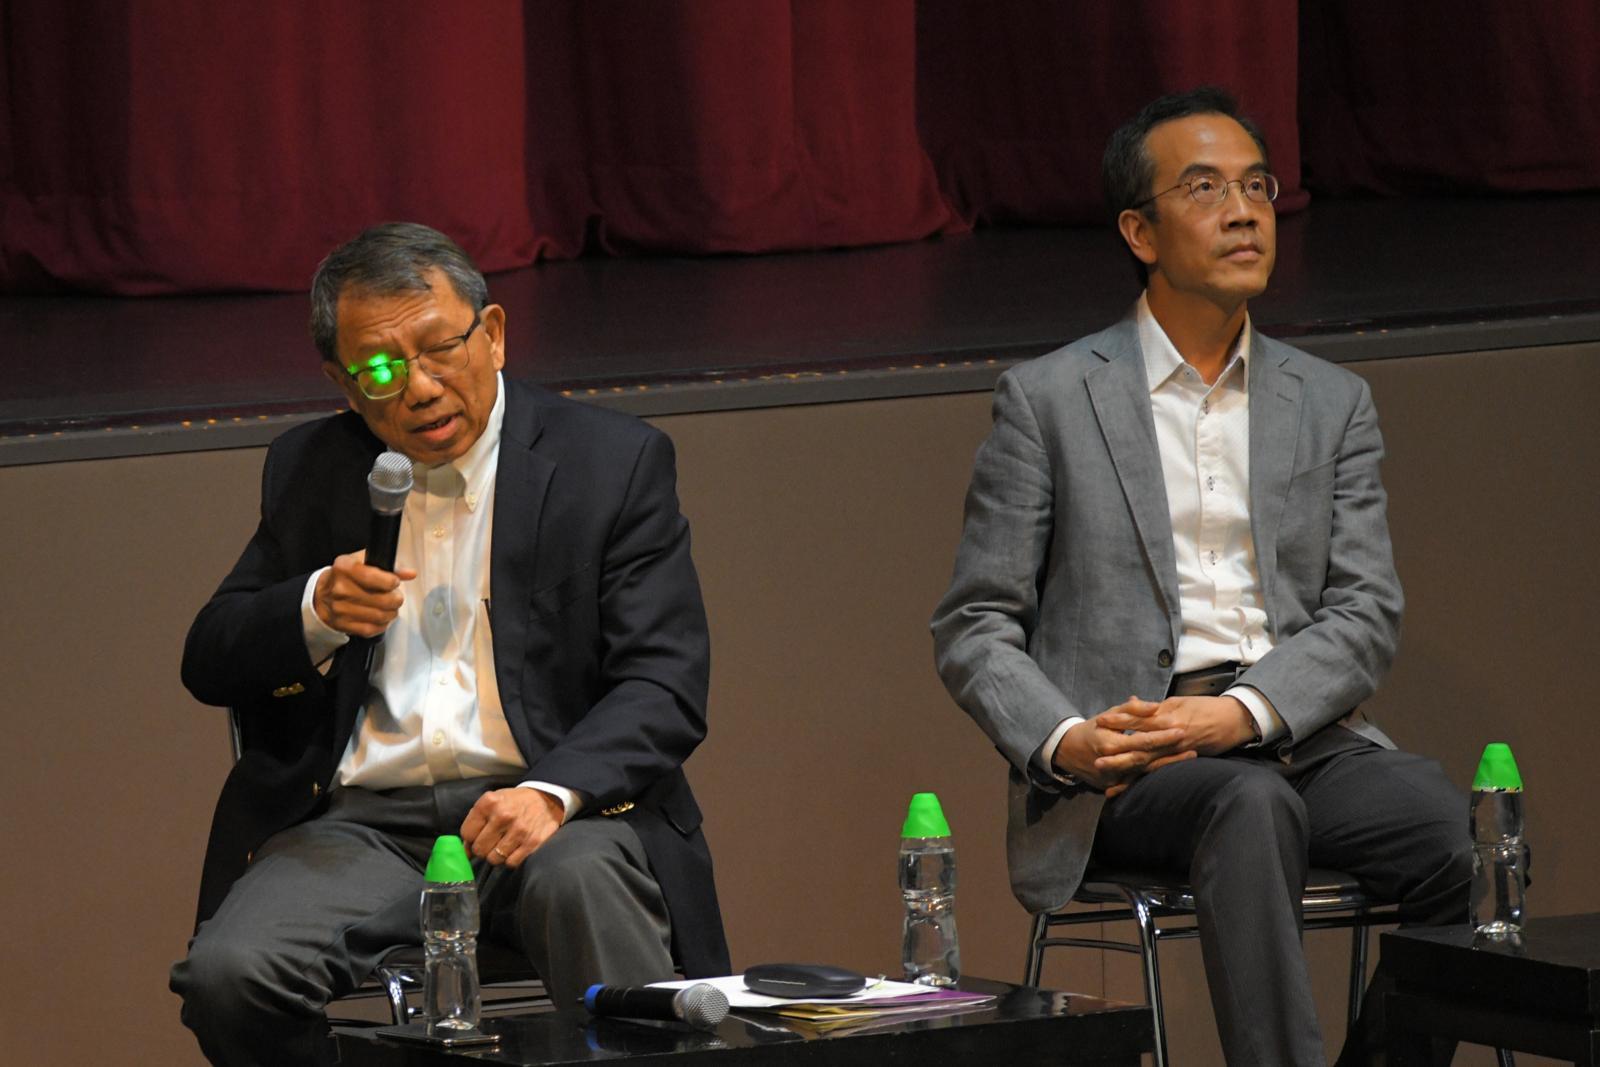 中大校長段崇智(左)被人鐳射光照射。